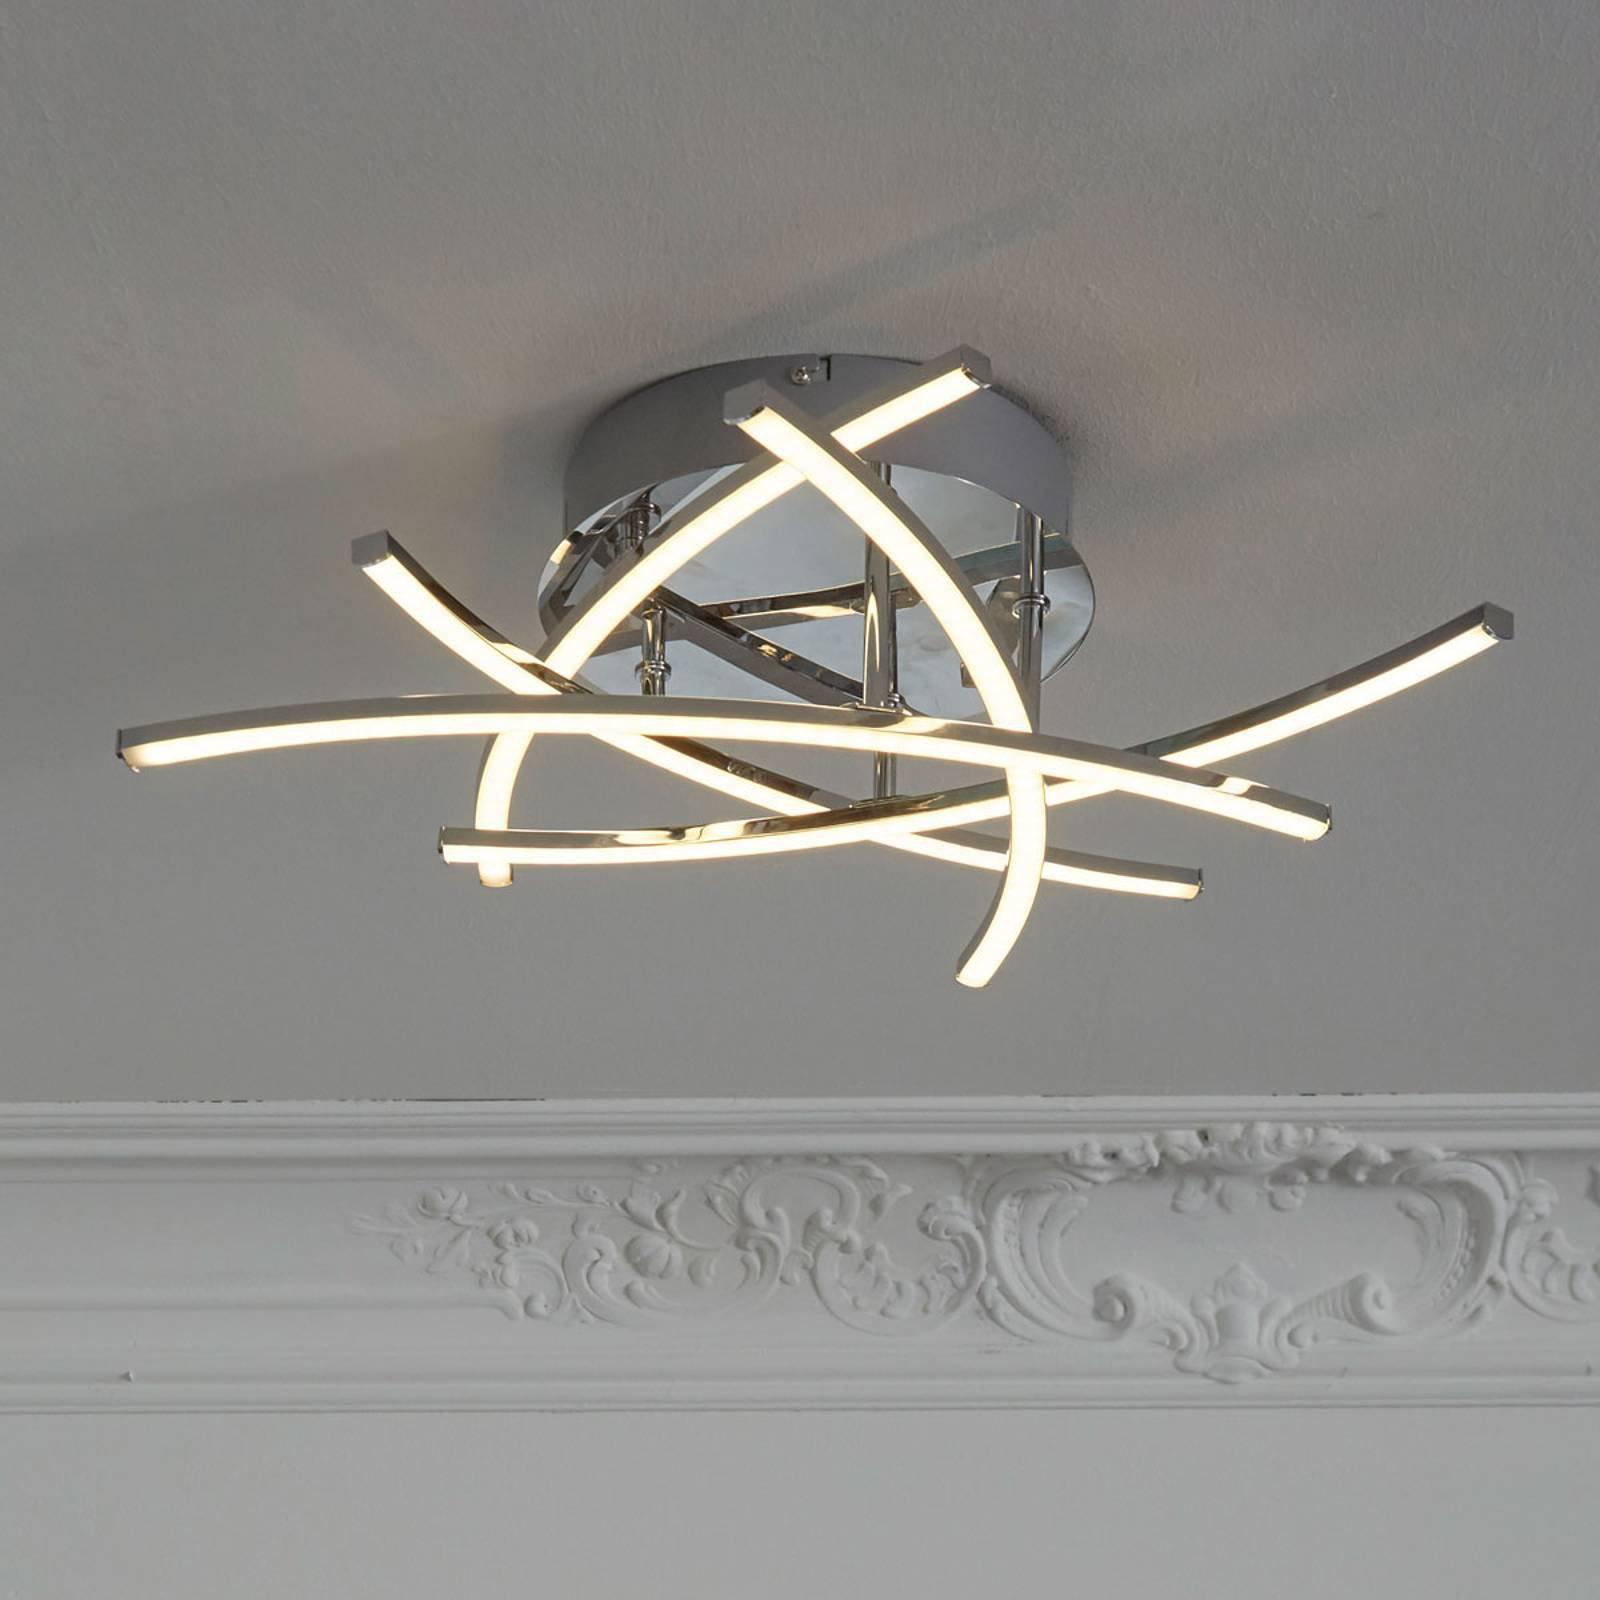 LED-taklampe Cross tunable white 5 lyskilder, krom